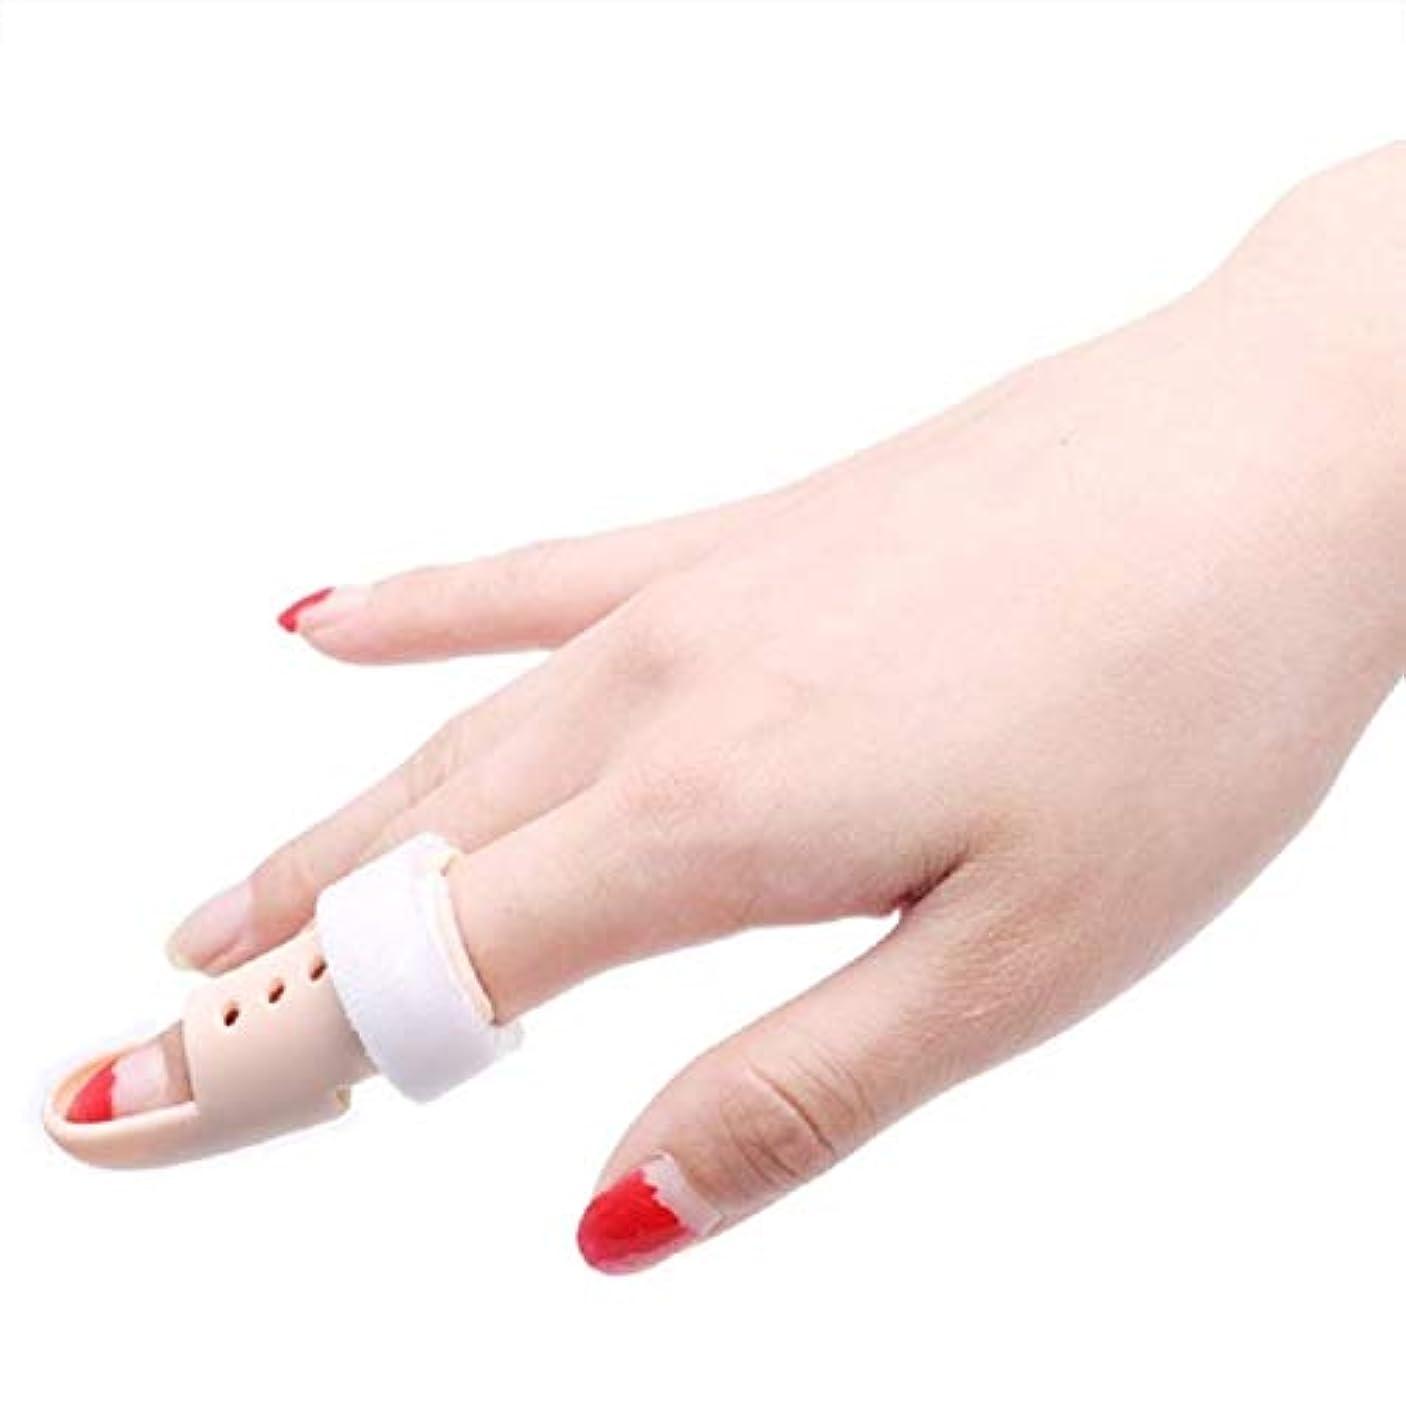 沿って暴動めんどりソフト泡で痛み捻挫株関節炎に苦しんで、スプリント、リバーシブル親指スタビライザーを指 (Size : XL)